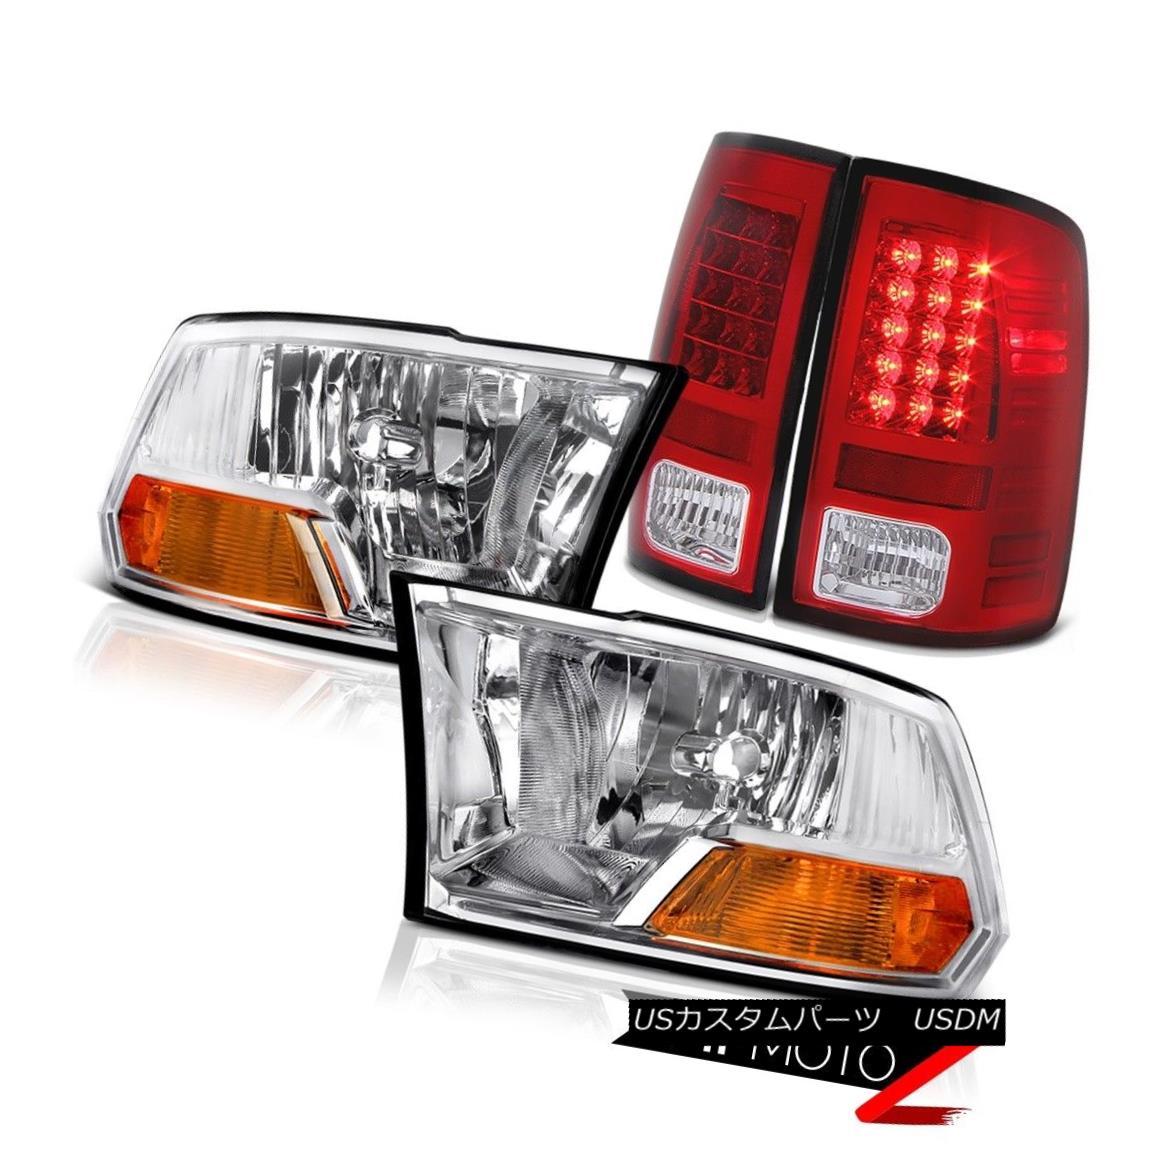 ヘッドライト 2009-2018 Dodge Ram Red LED Mopar Style Tail Lights Chrome Headlights 2010 2011 2009-2018ダッジラムレッドLED Moparスタイルテールライトクロームヘッドライト2010 2011